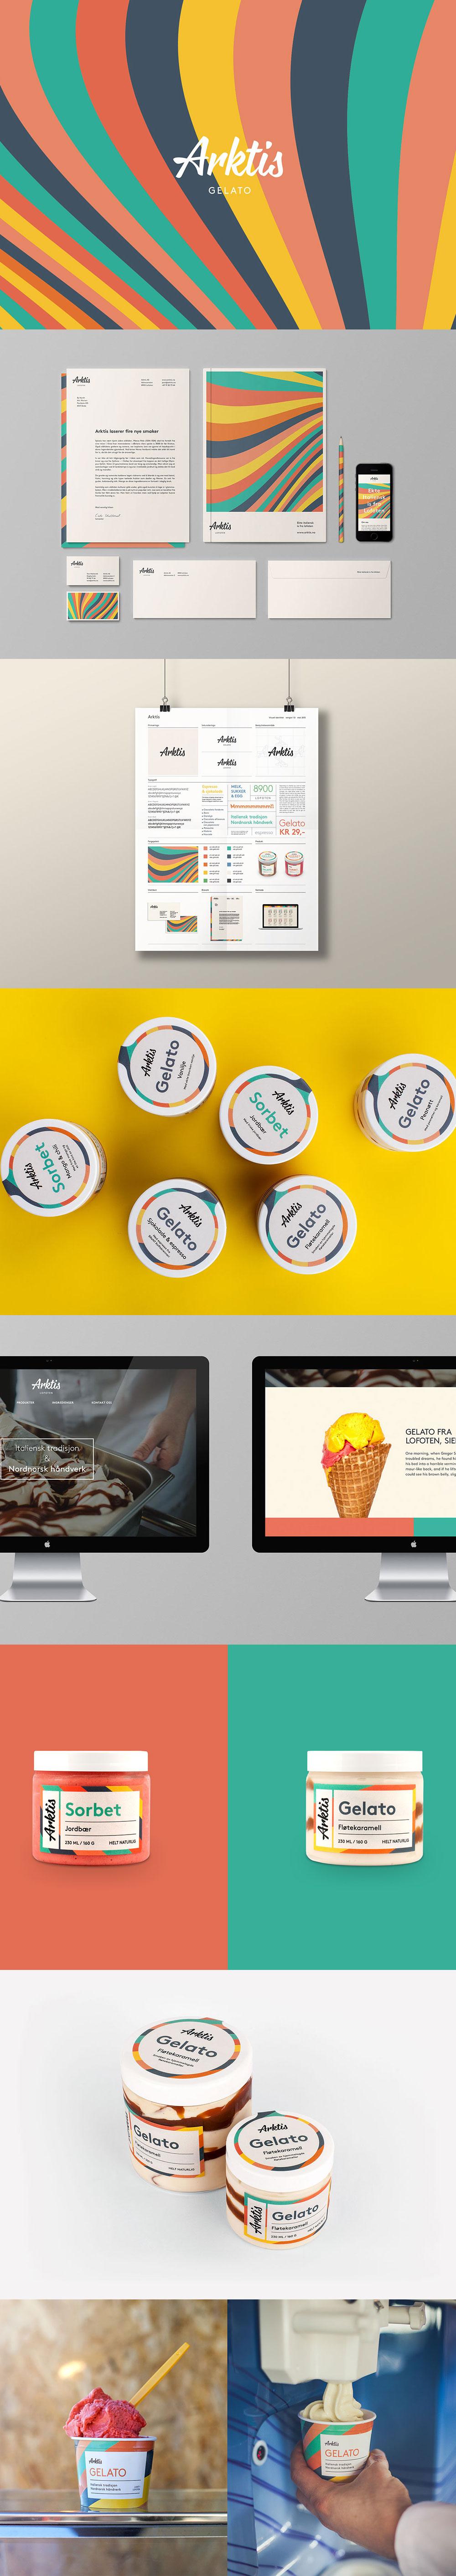 Envasado de helado - Arktis Gelato by north ™